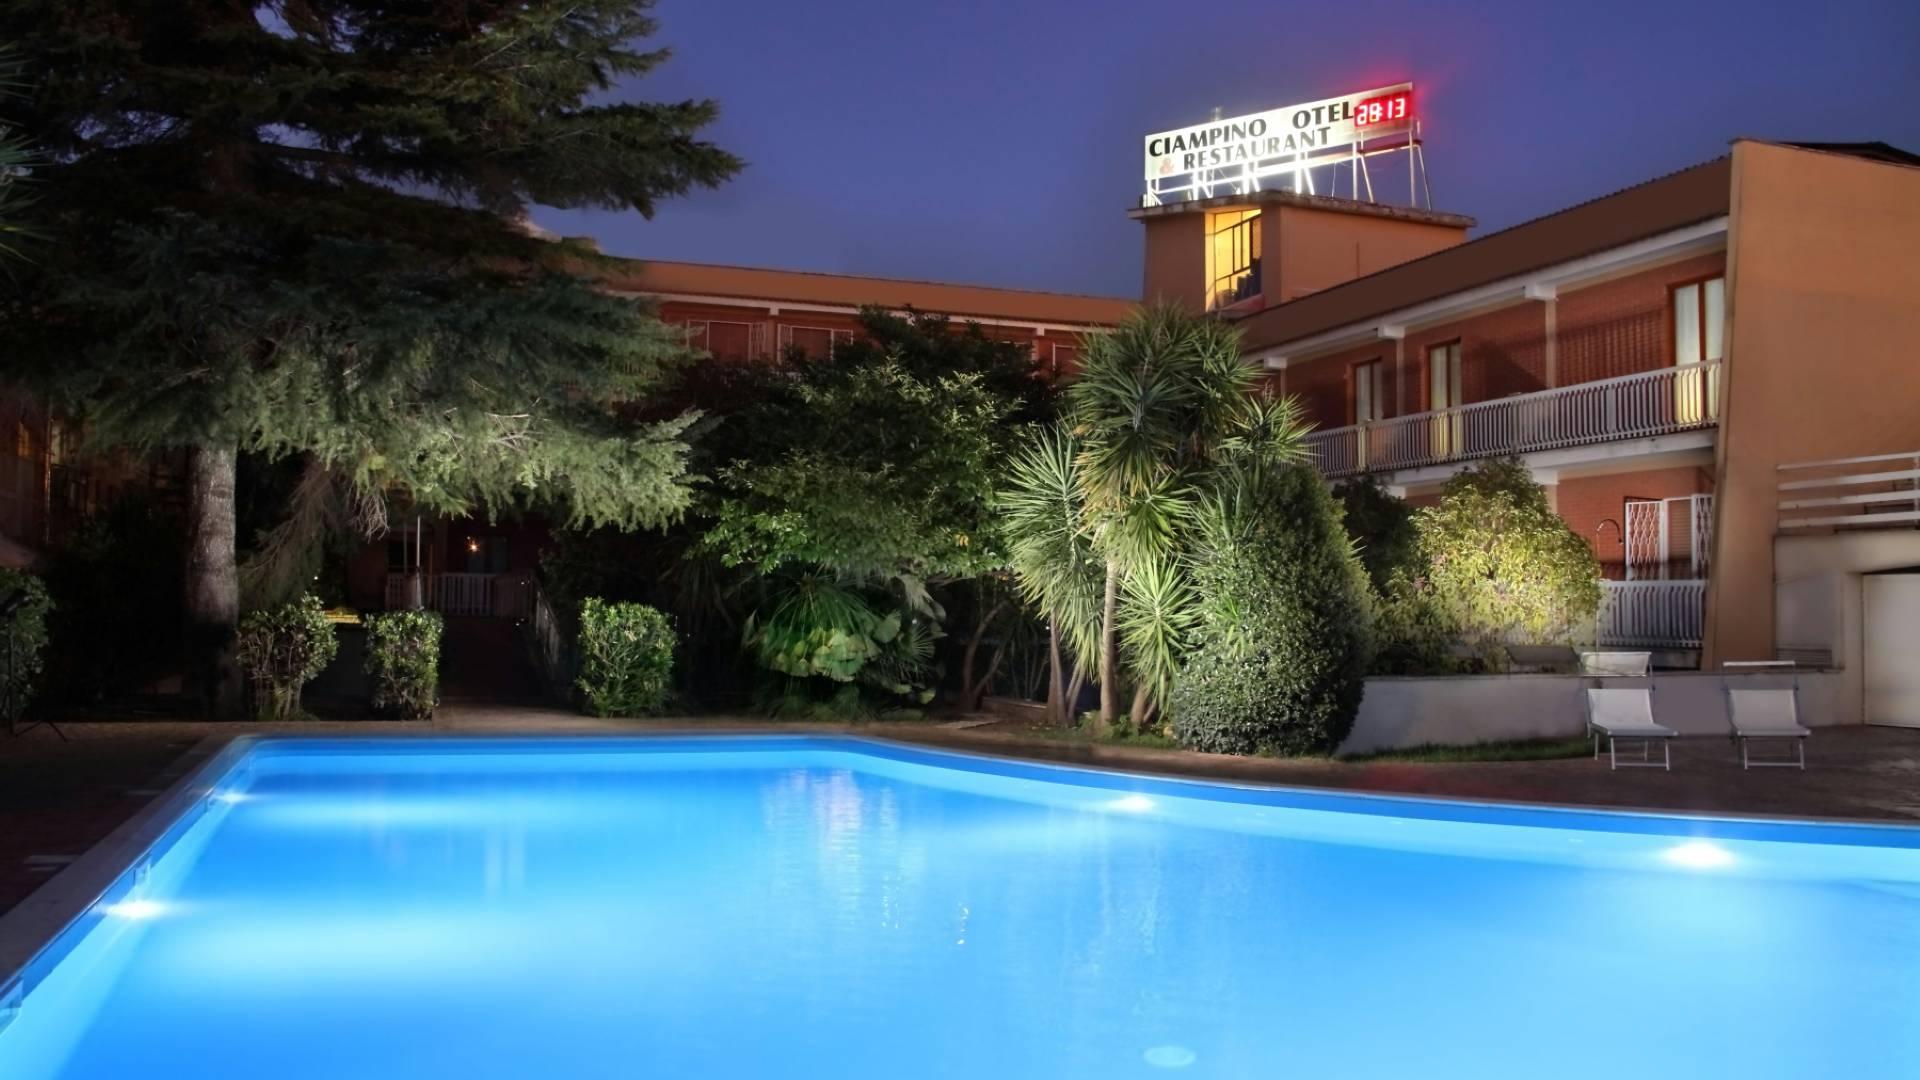 ciampino-hotel-con-piscina